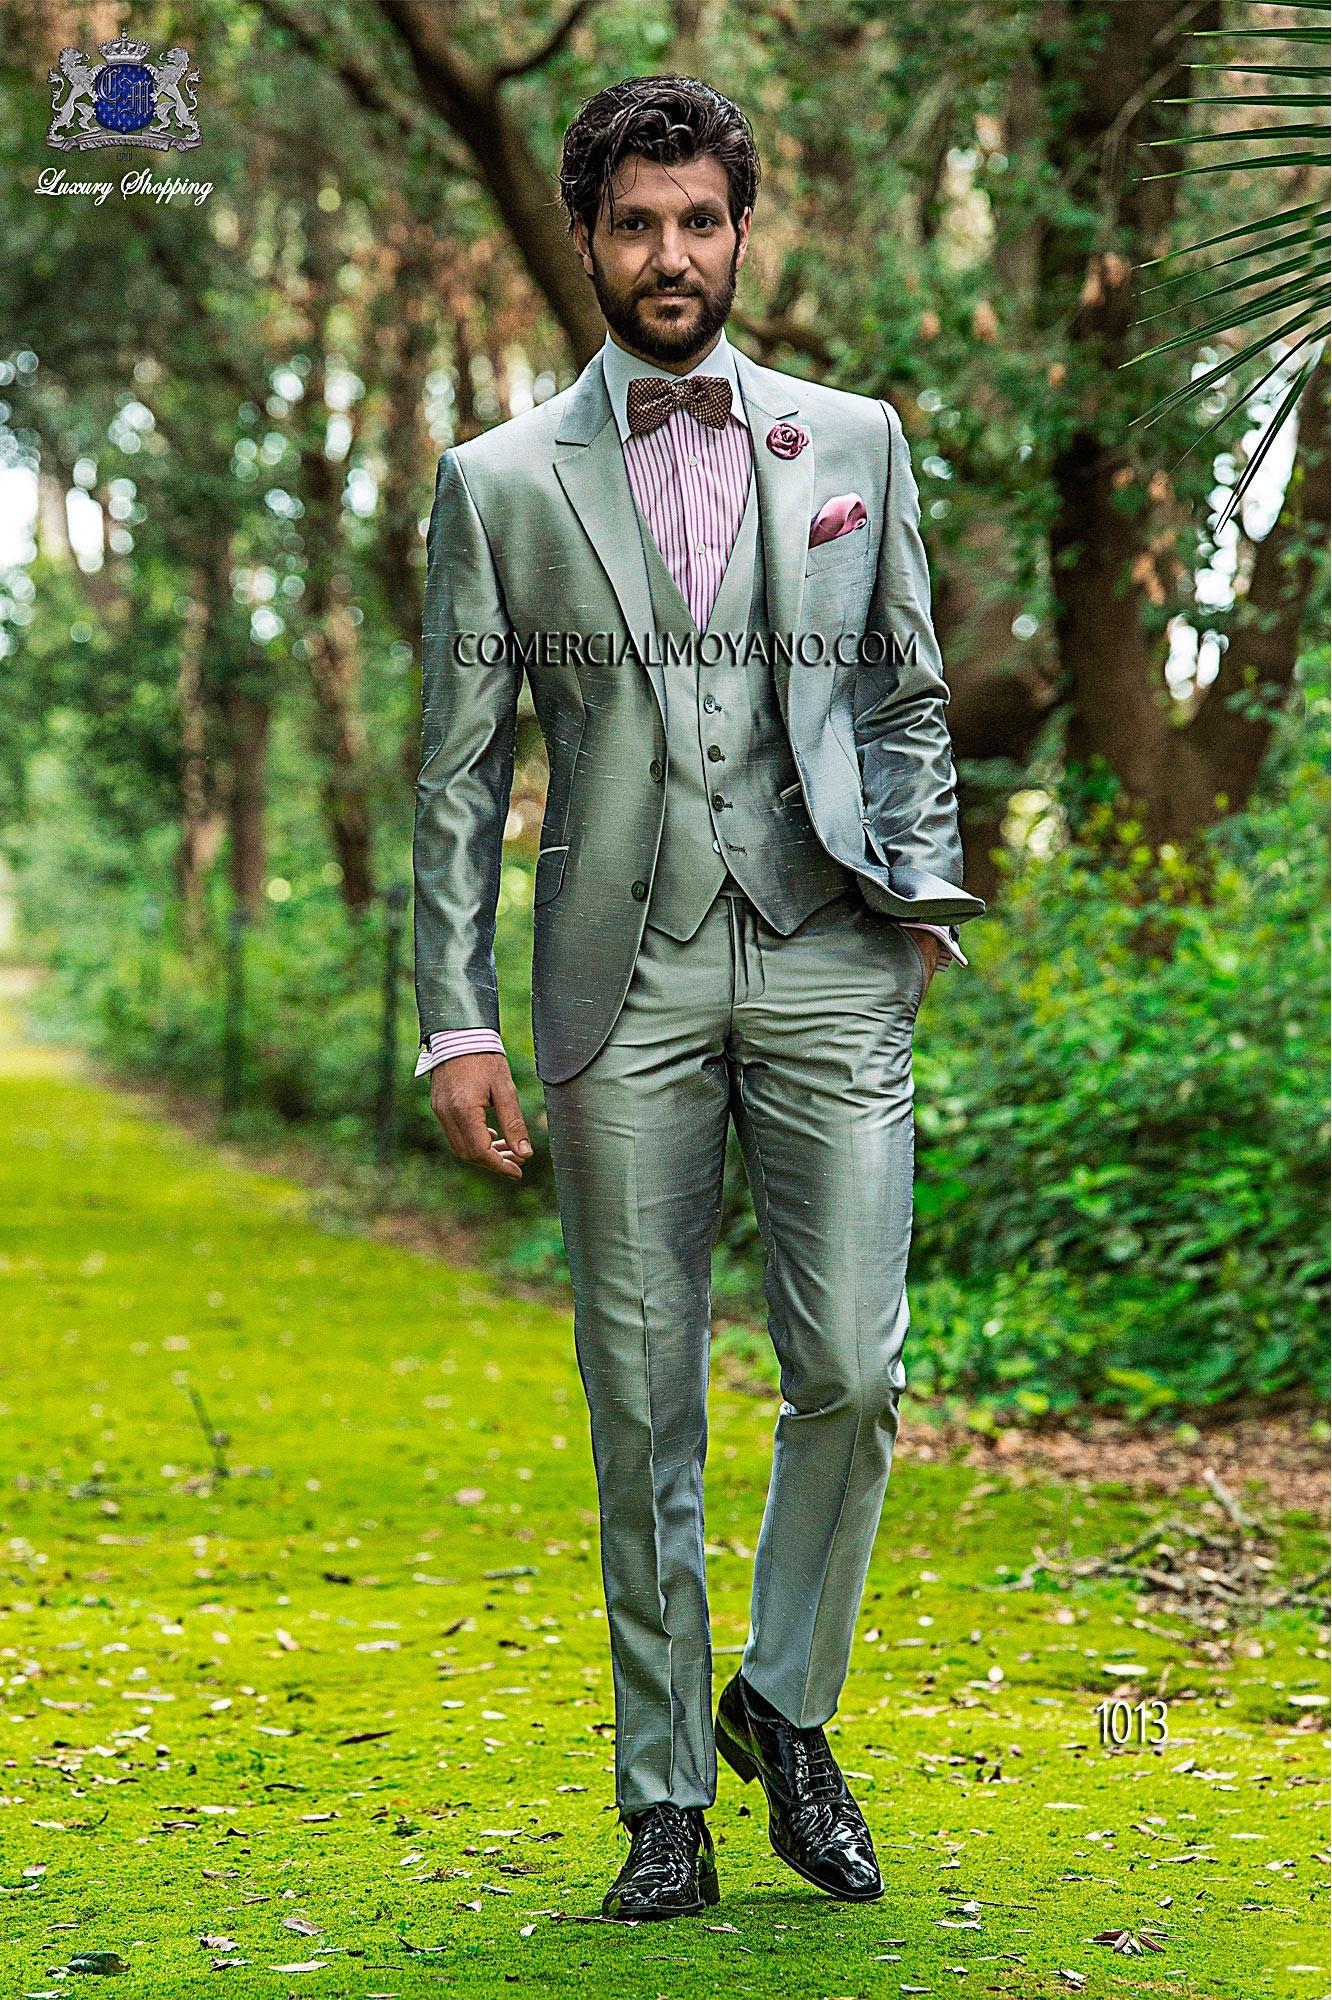 Traje de novio Hipster gris modelo: 1013 Ottavio Nuccio Gala colección Hipster 2017